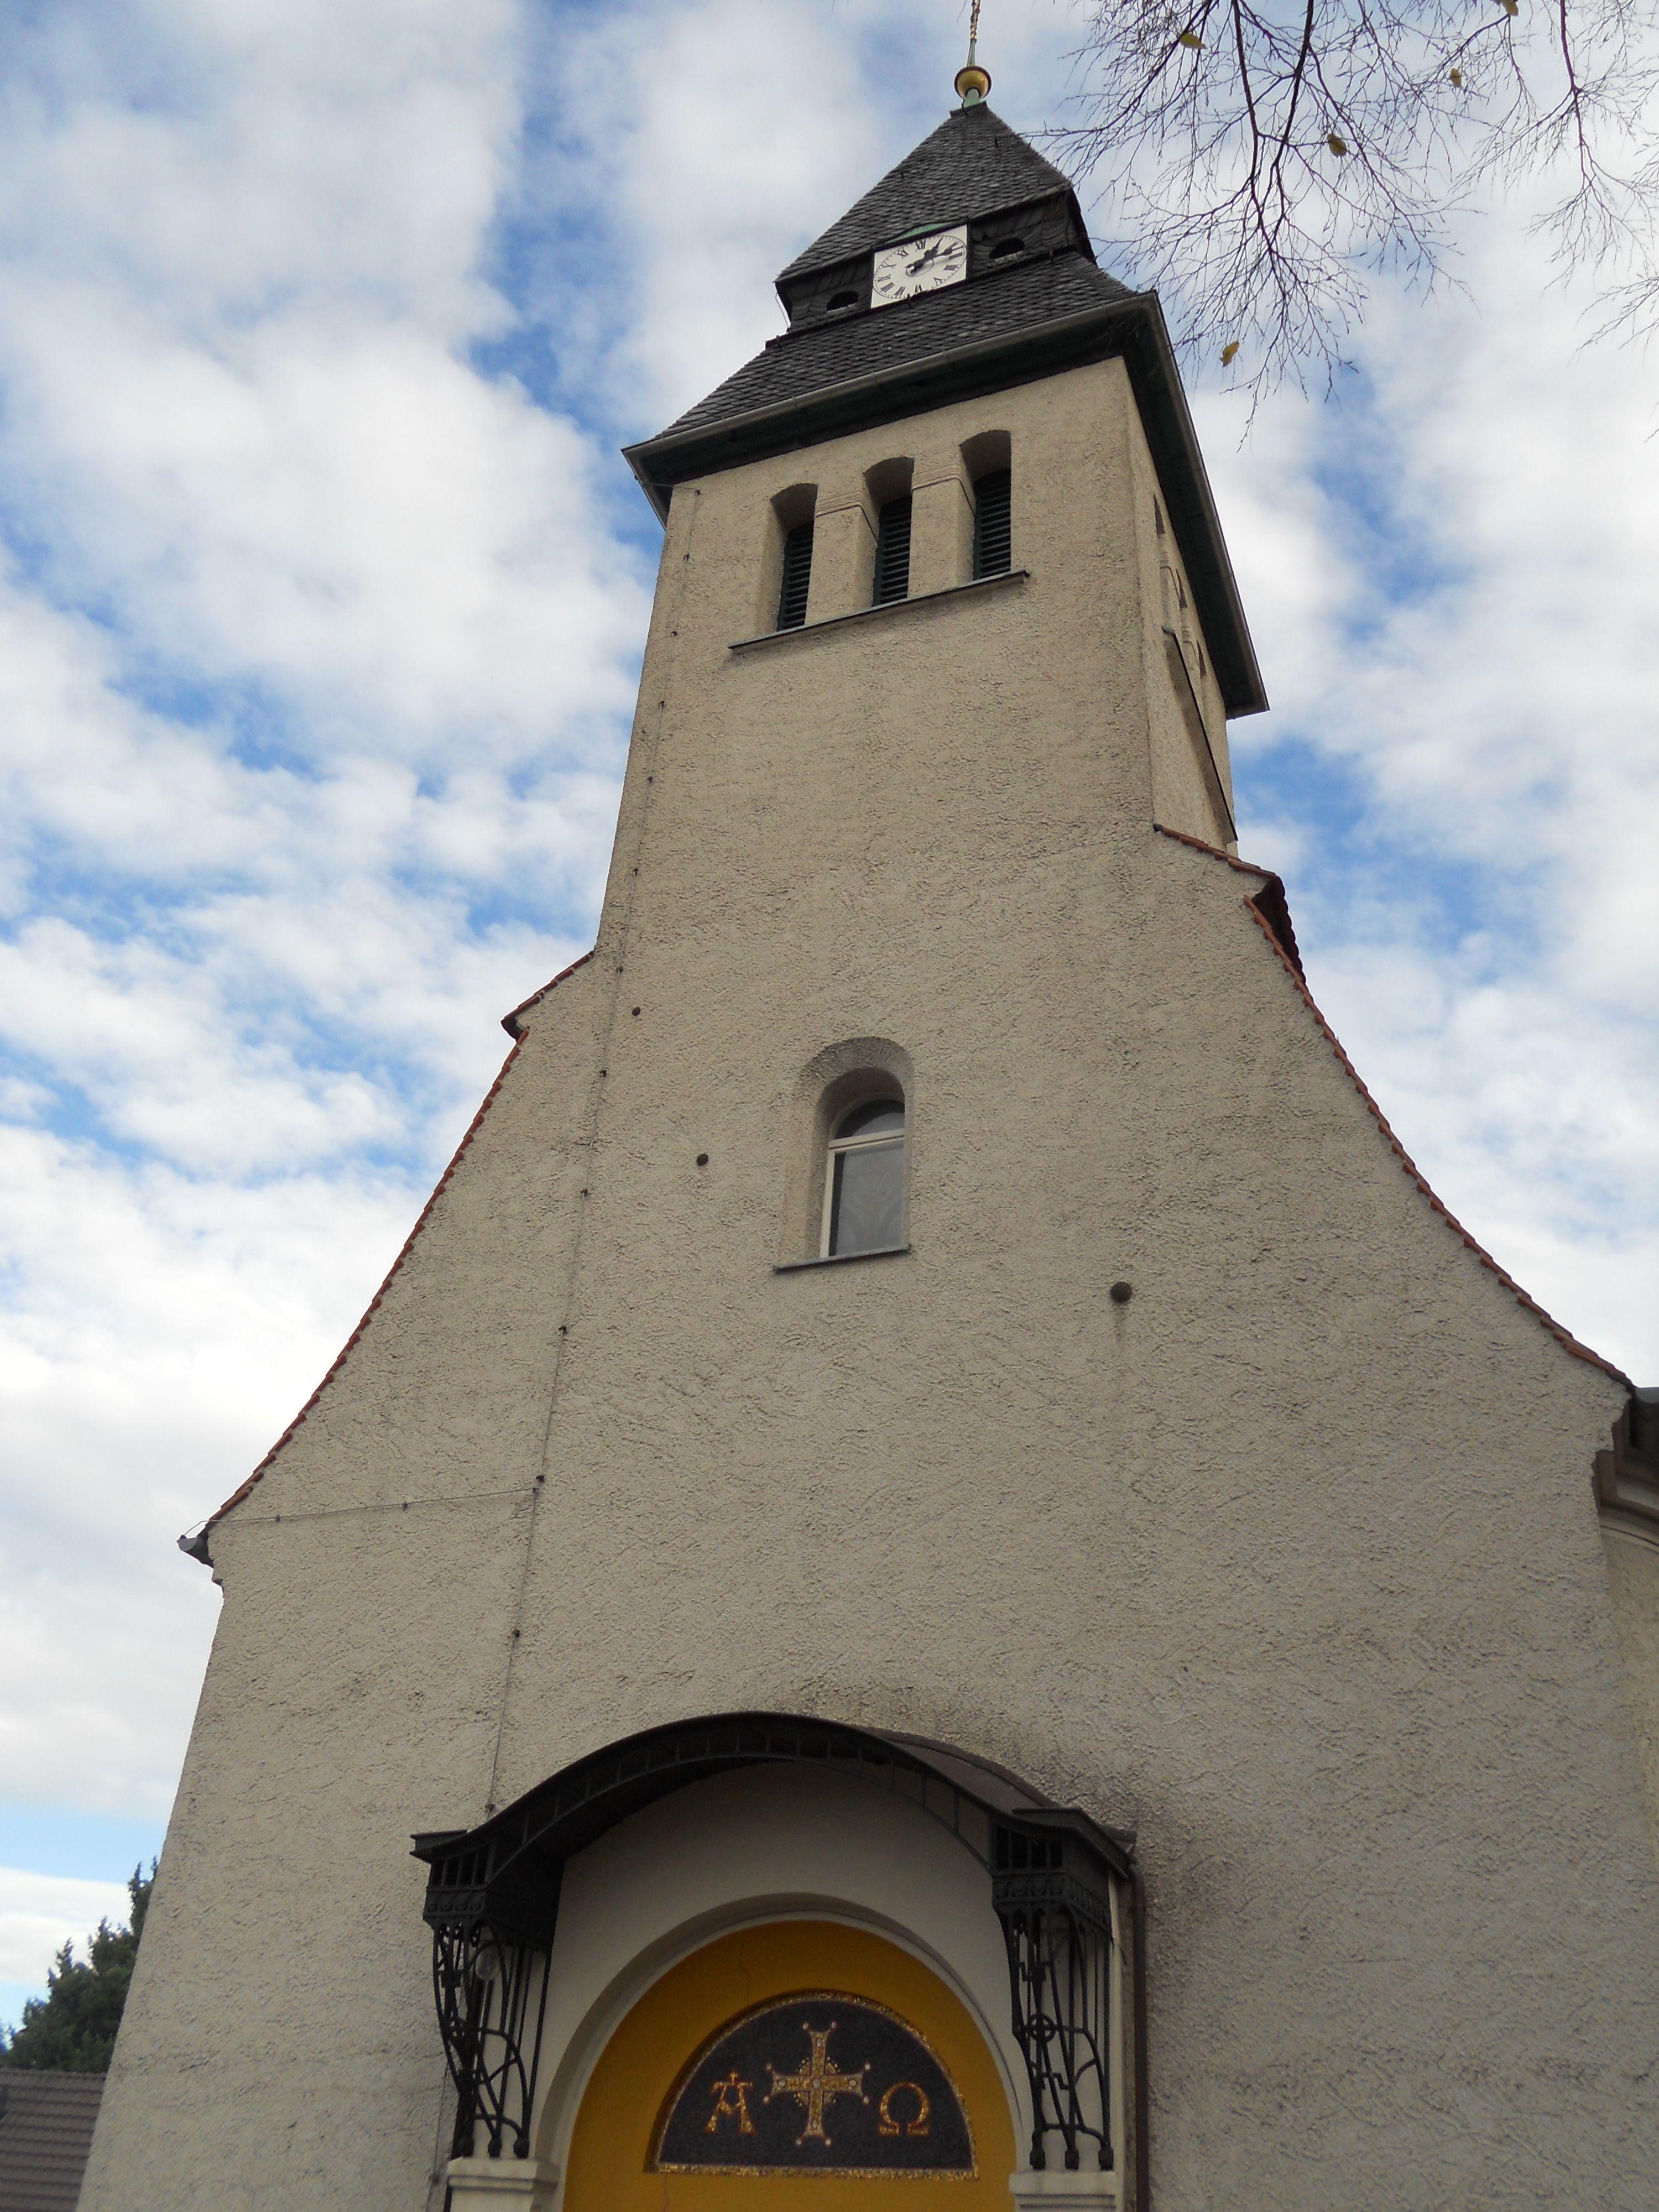 Off Topic Die Kirchturmgalerie Bad Lausick Pfarrkirchen Turm